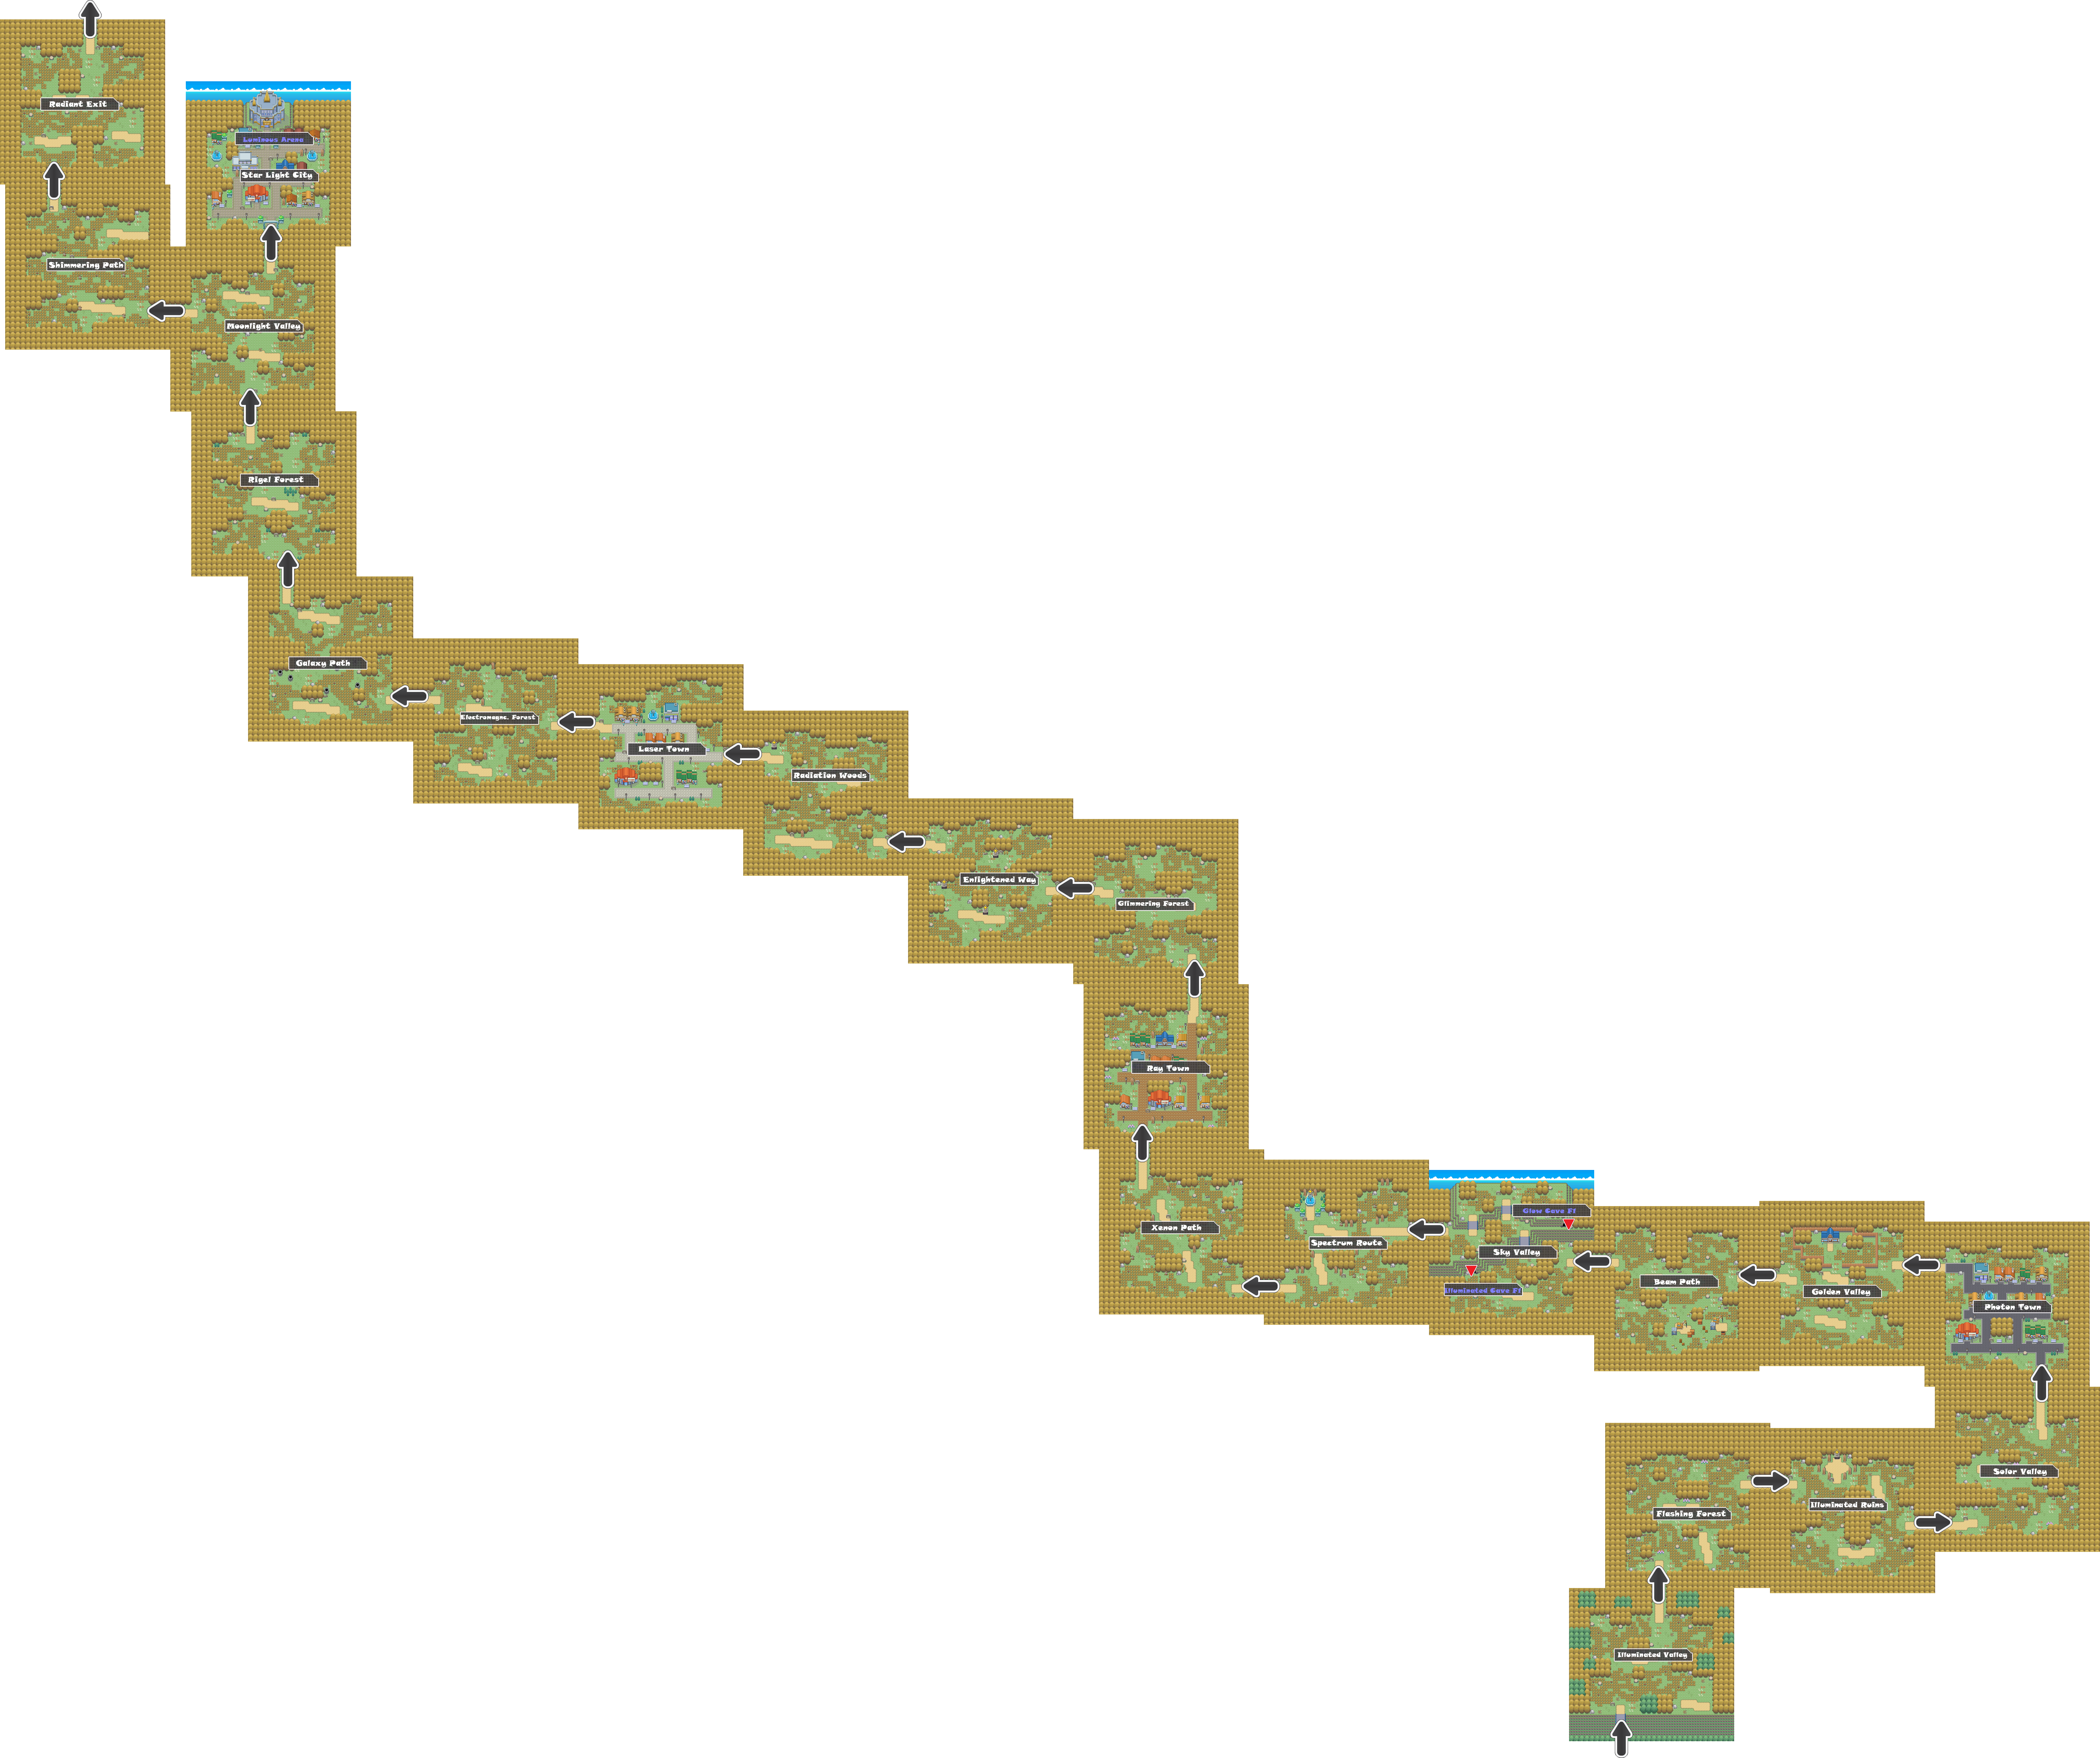 Pokemon Like Monster MMORPG V2 Zone 11 World Map